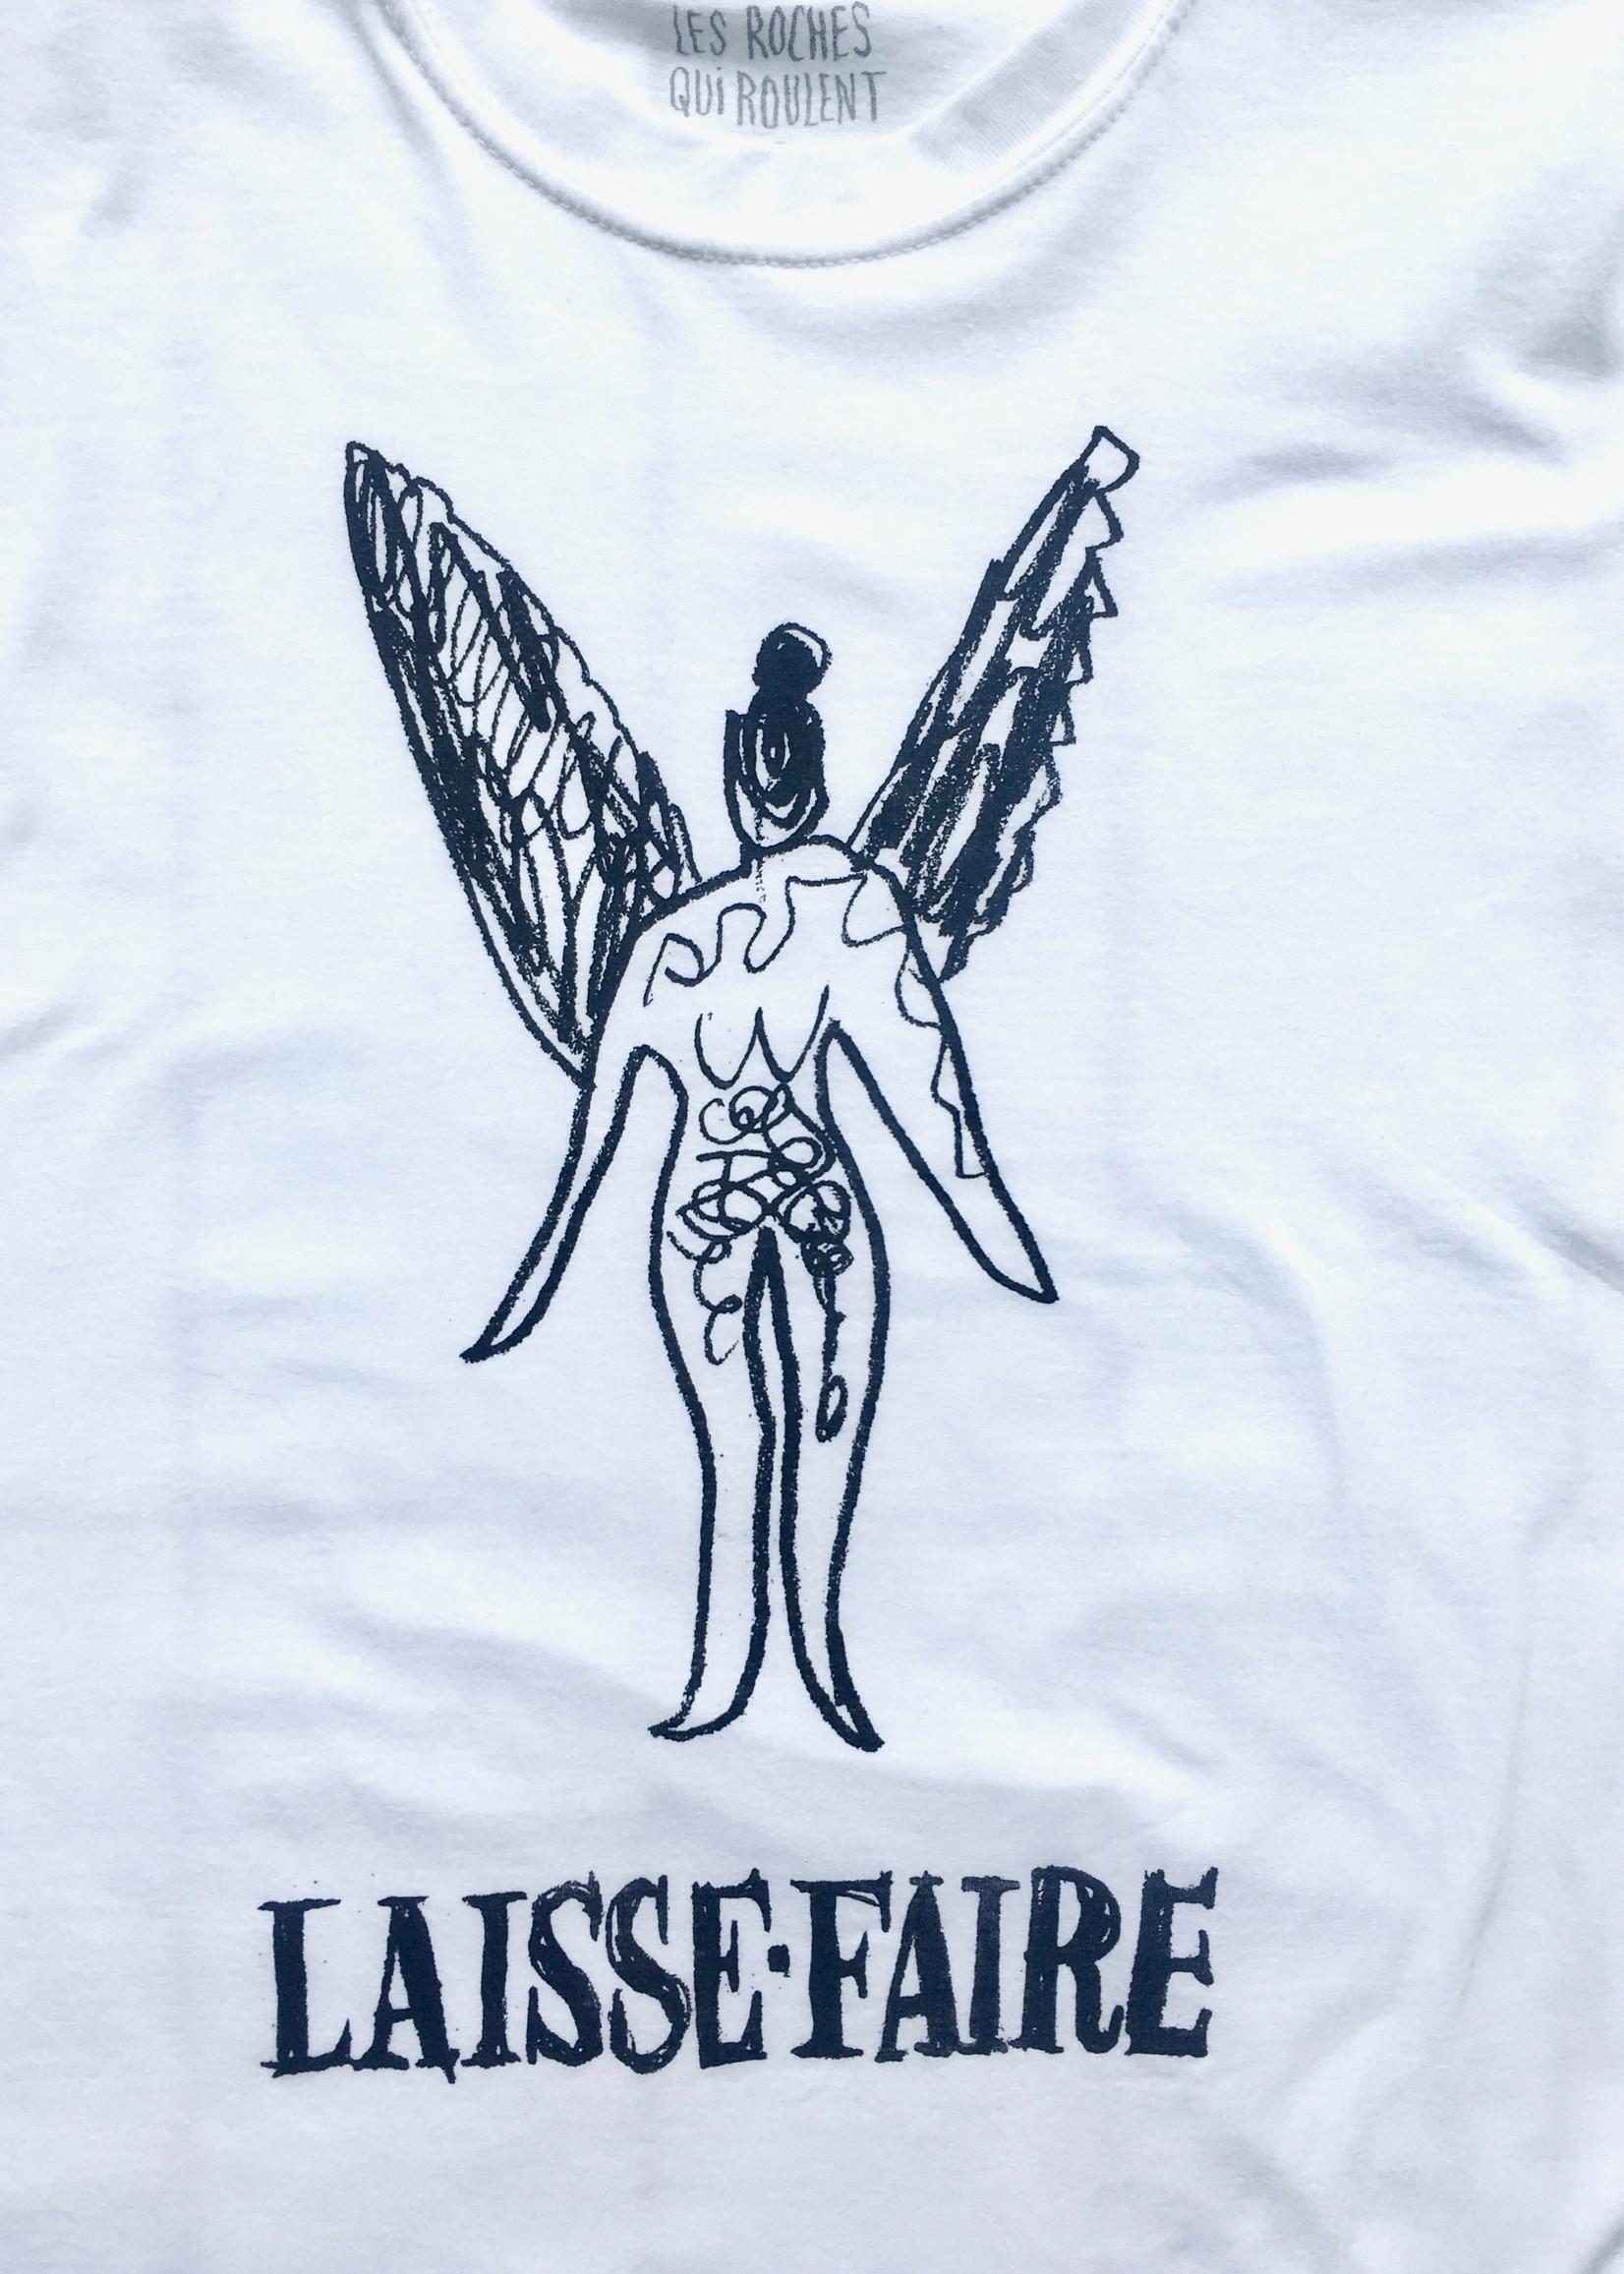 Les Roches Qui Roulent Laisse-Faire T-shirt